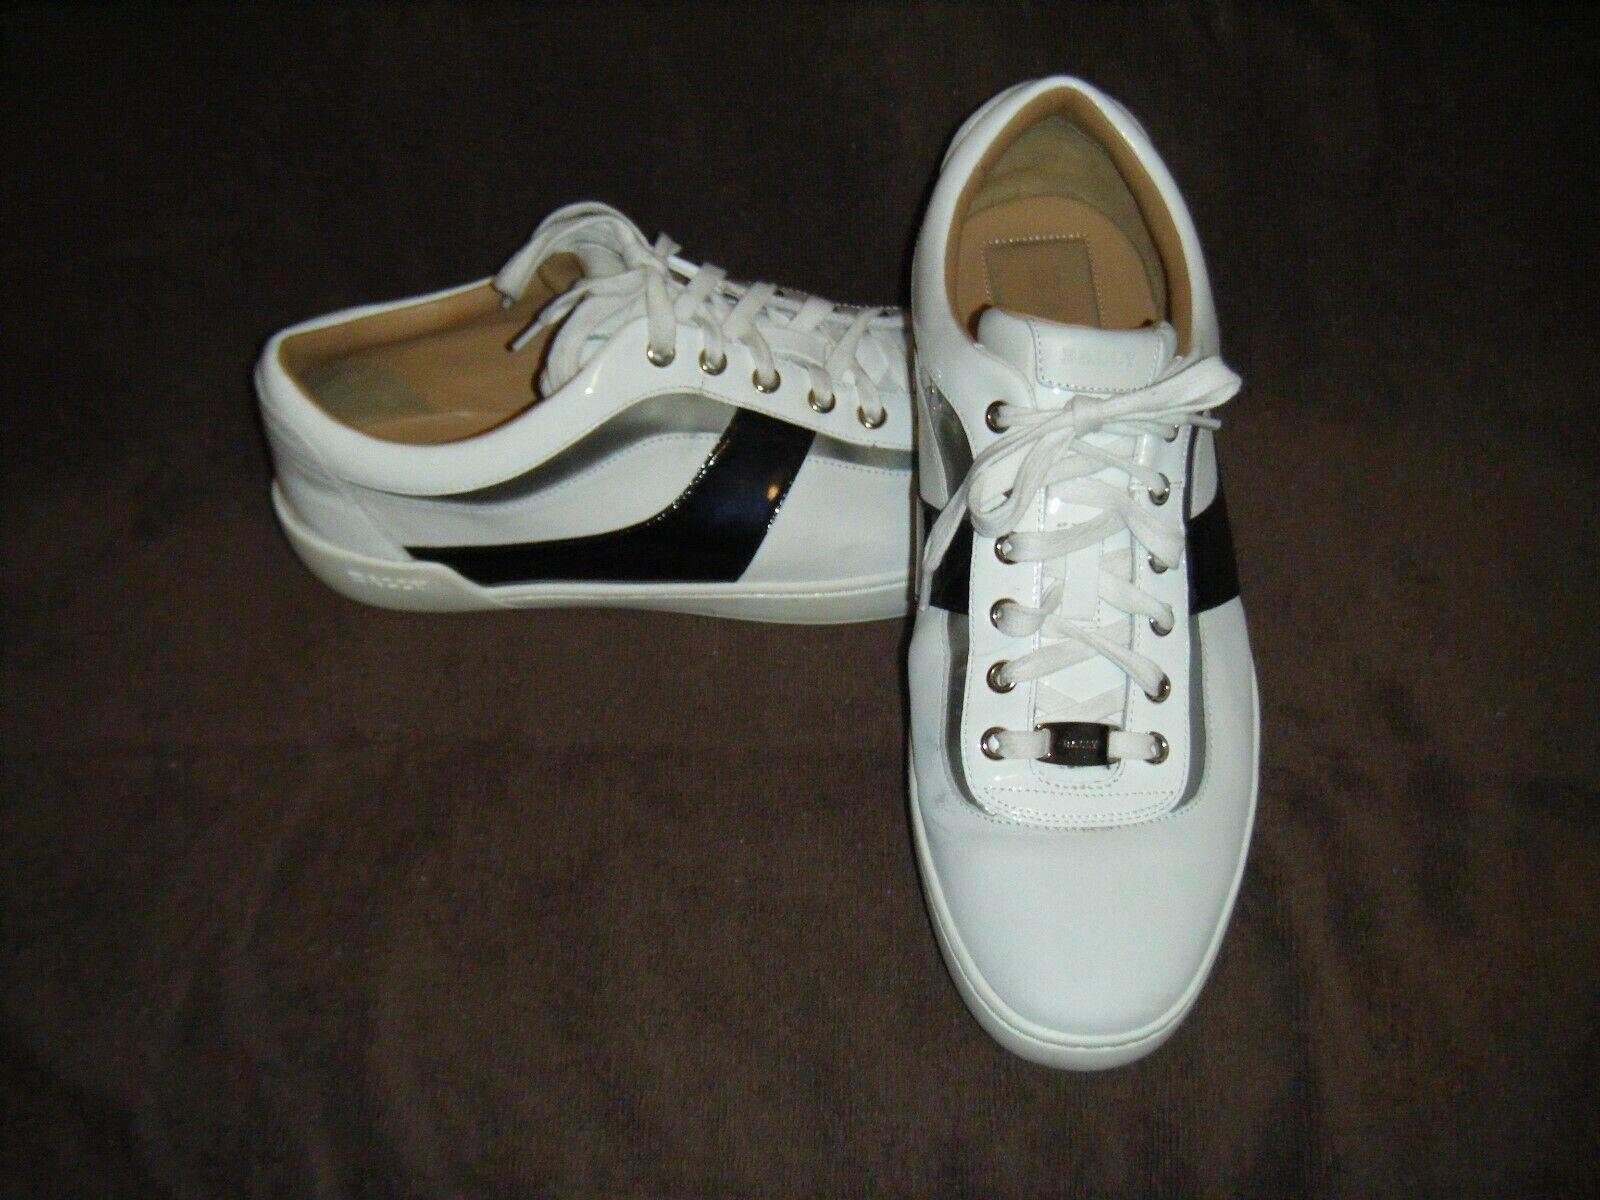 600  Bally Eron 07 White Calf Plain Leather Sneakers size US 11.5